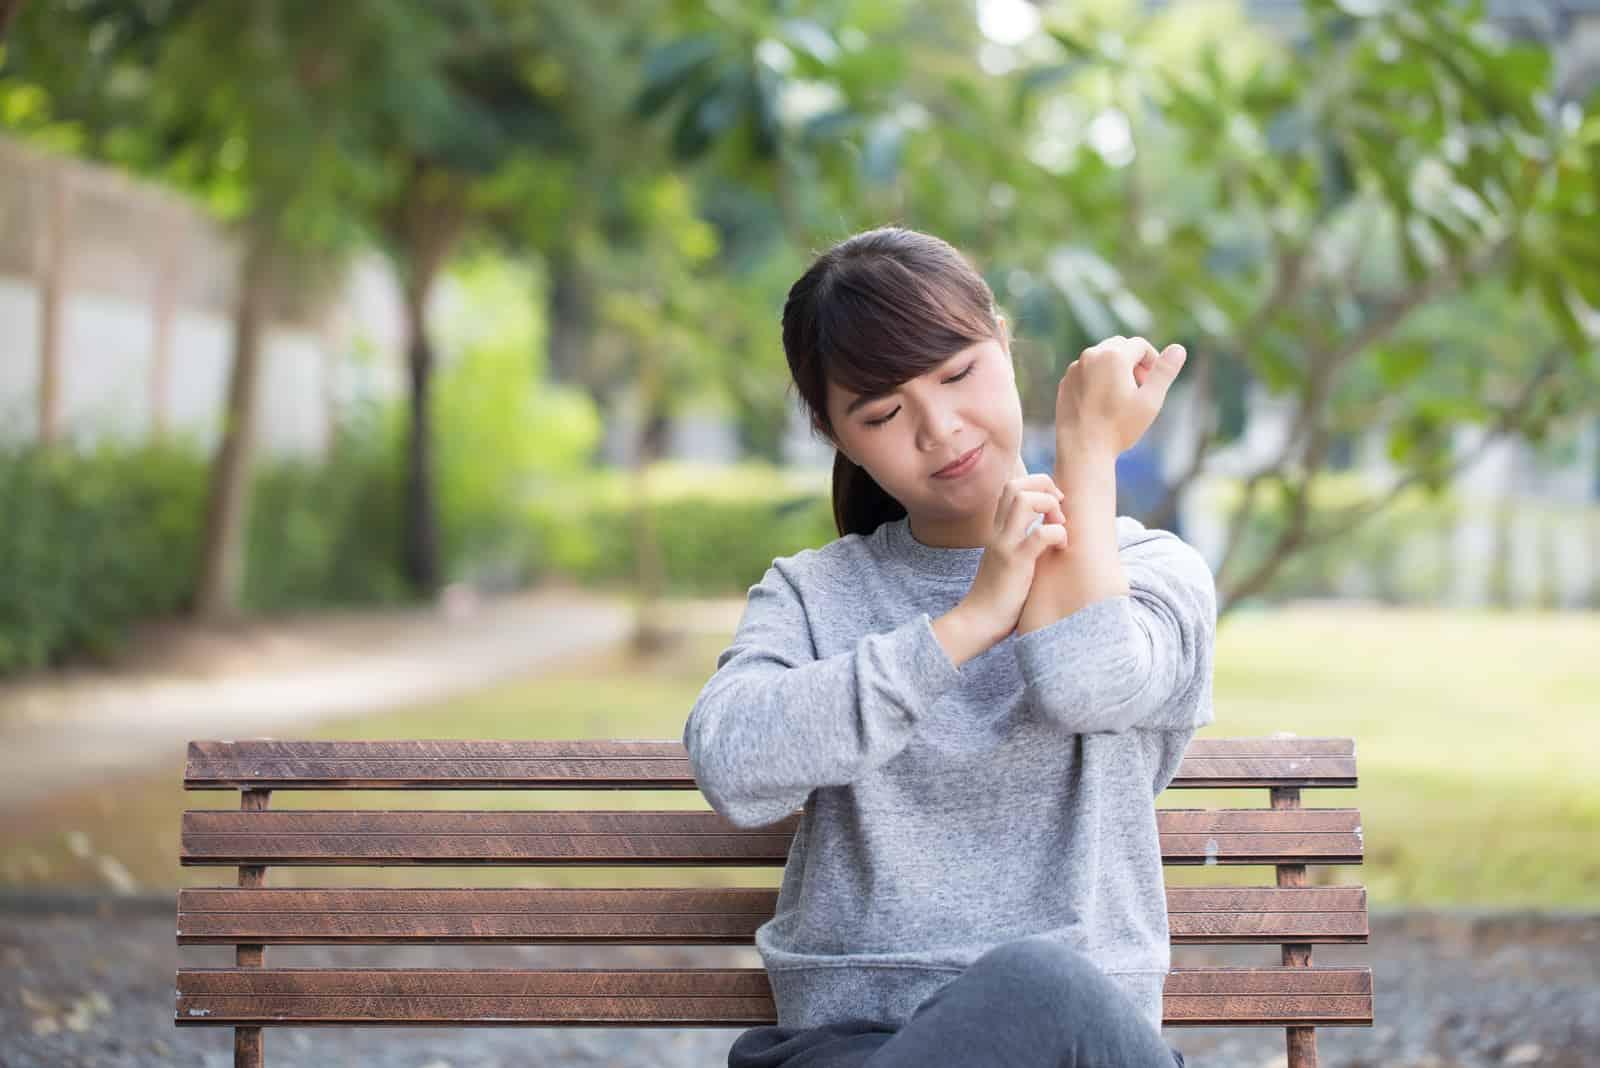 la femme est assise sur un banc de parc et lui serre la main